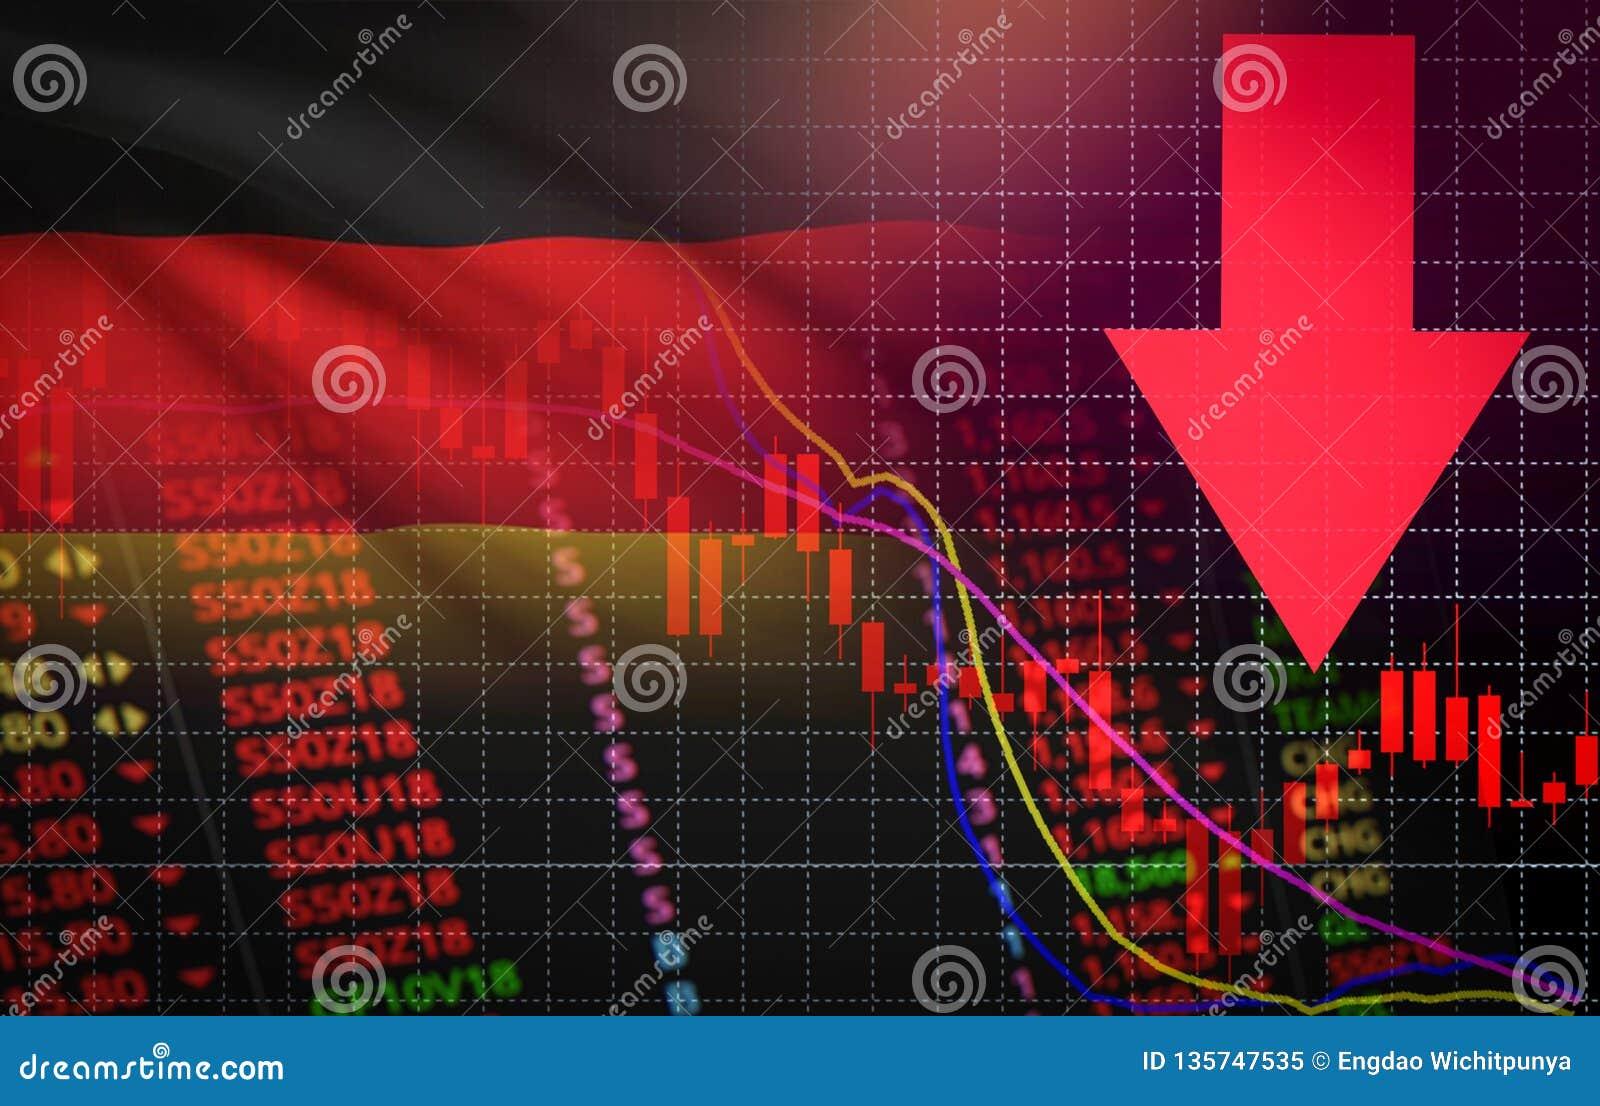 Van de de Beursmarkt van Duitsland de crisis rode marktprijs onderaan de Zaken van de grafiekdaling en de crisis rode negatieve d